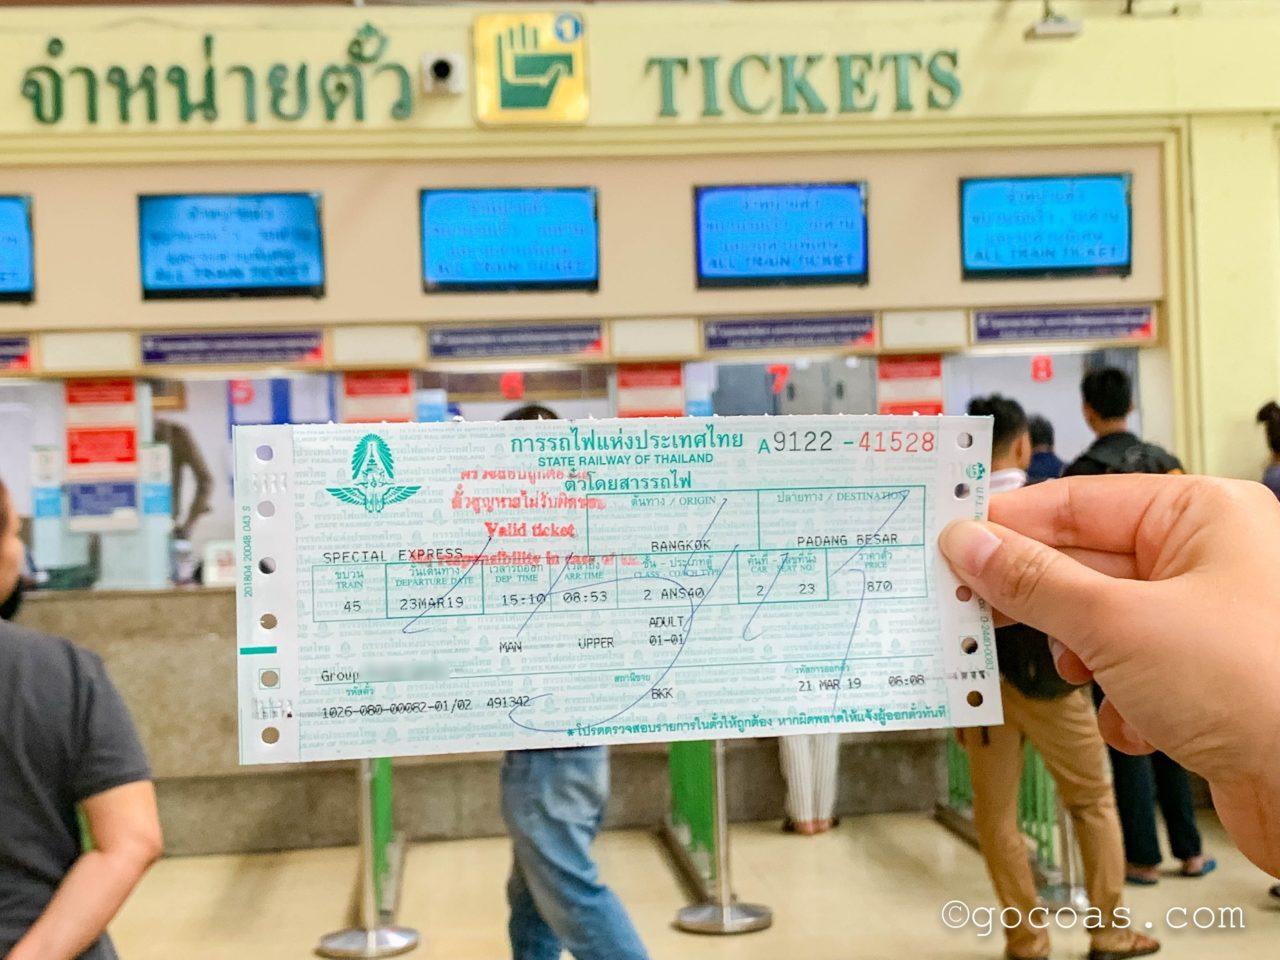 Hua Lamphong駅で購入した鉄道チケット